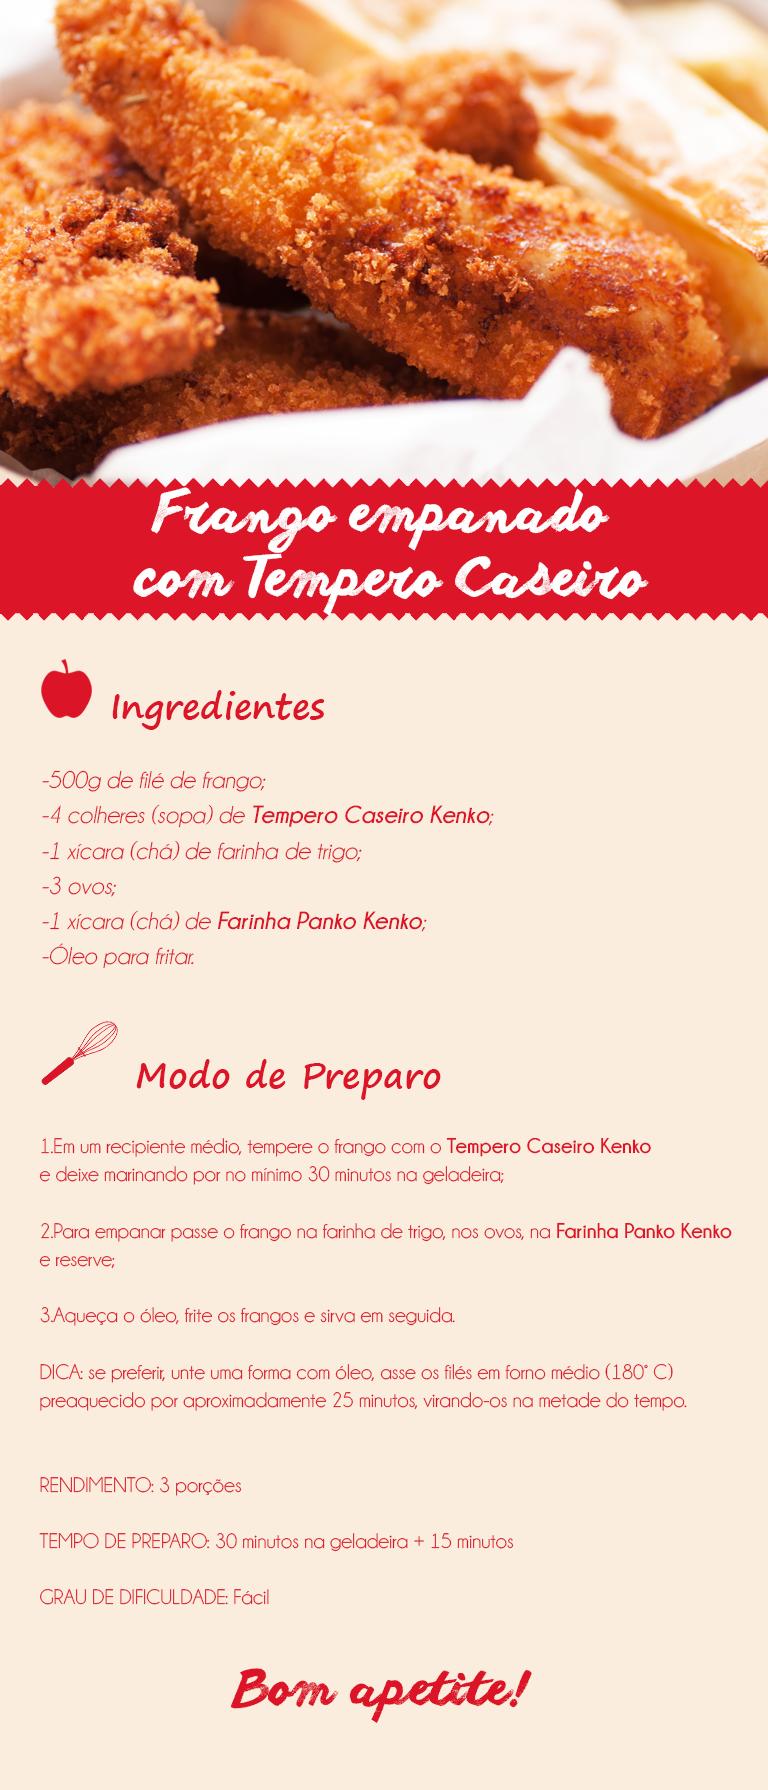 receita-de-frango-empanado